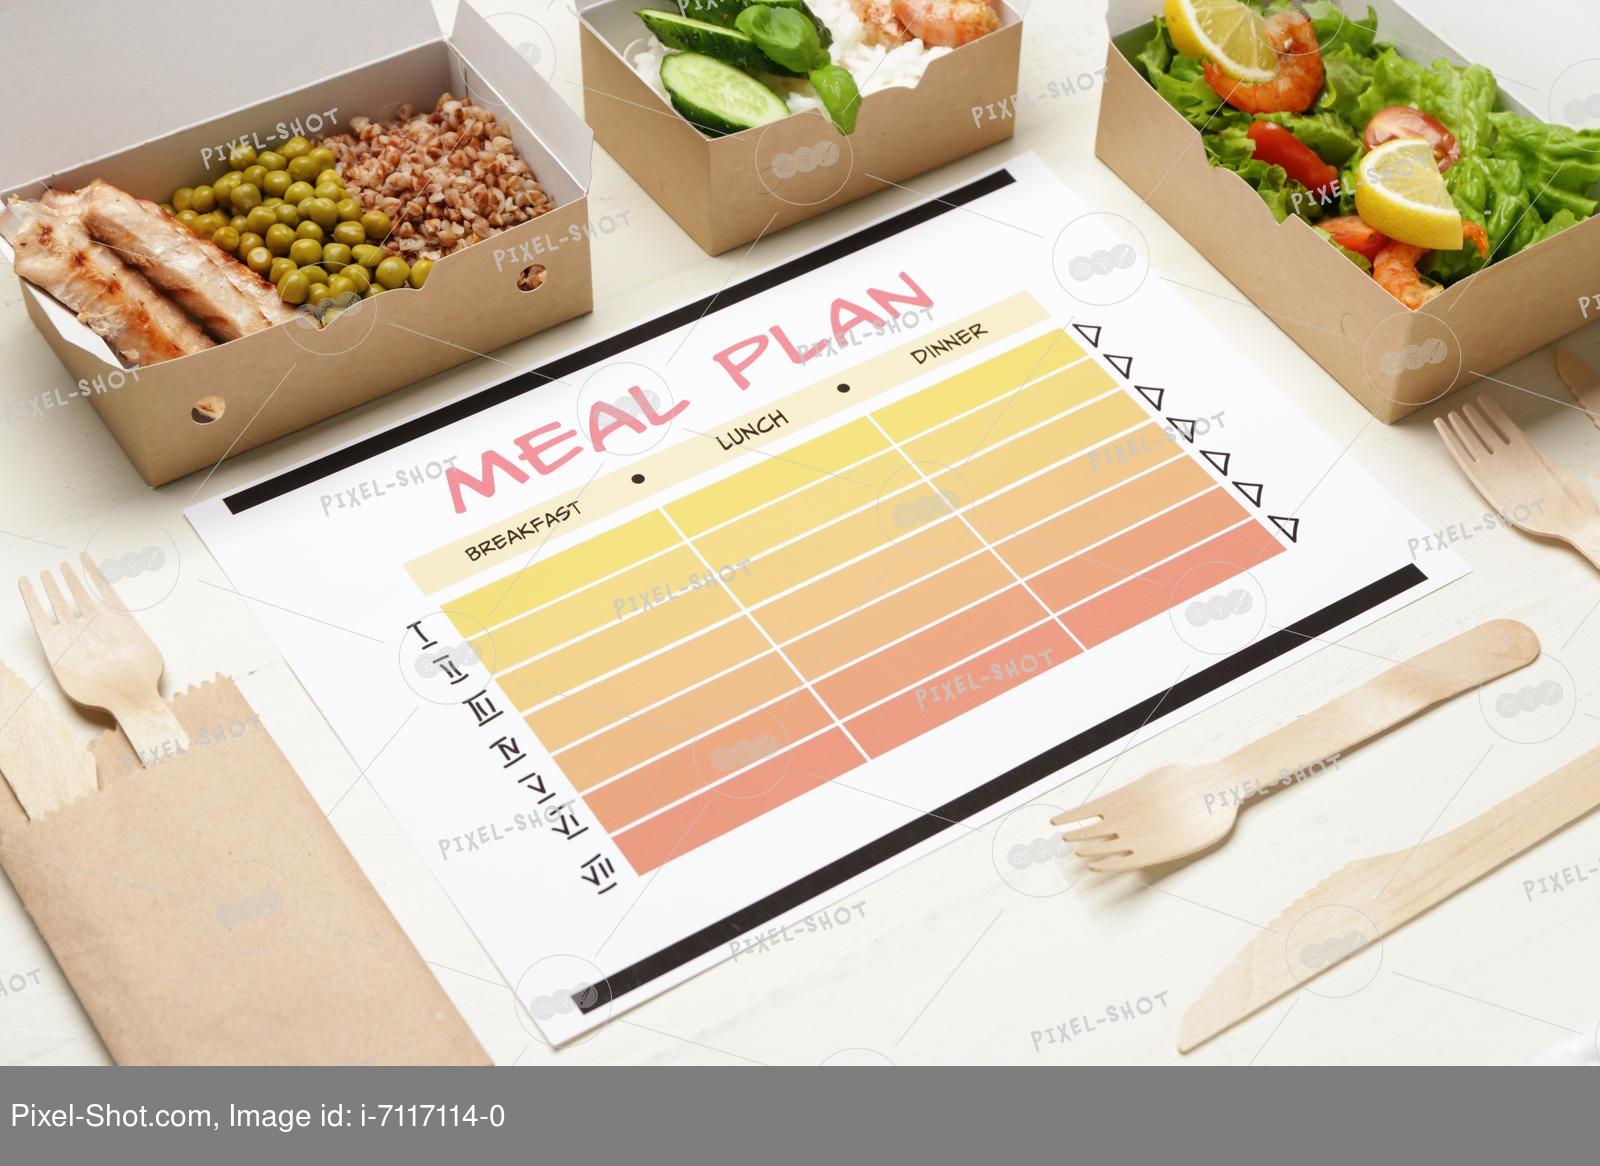 Планирование питания как реальный способ сэкономить